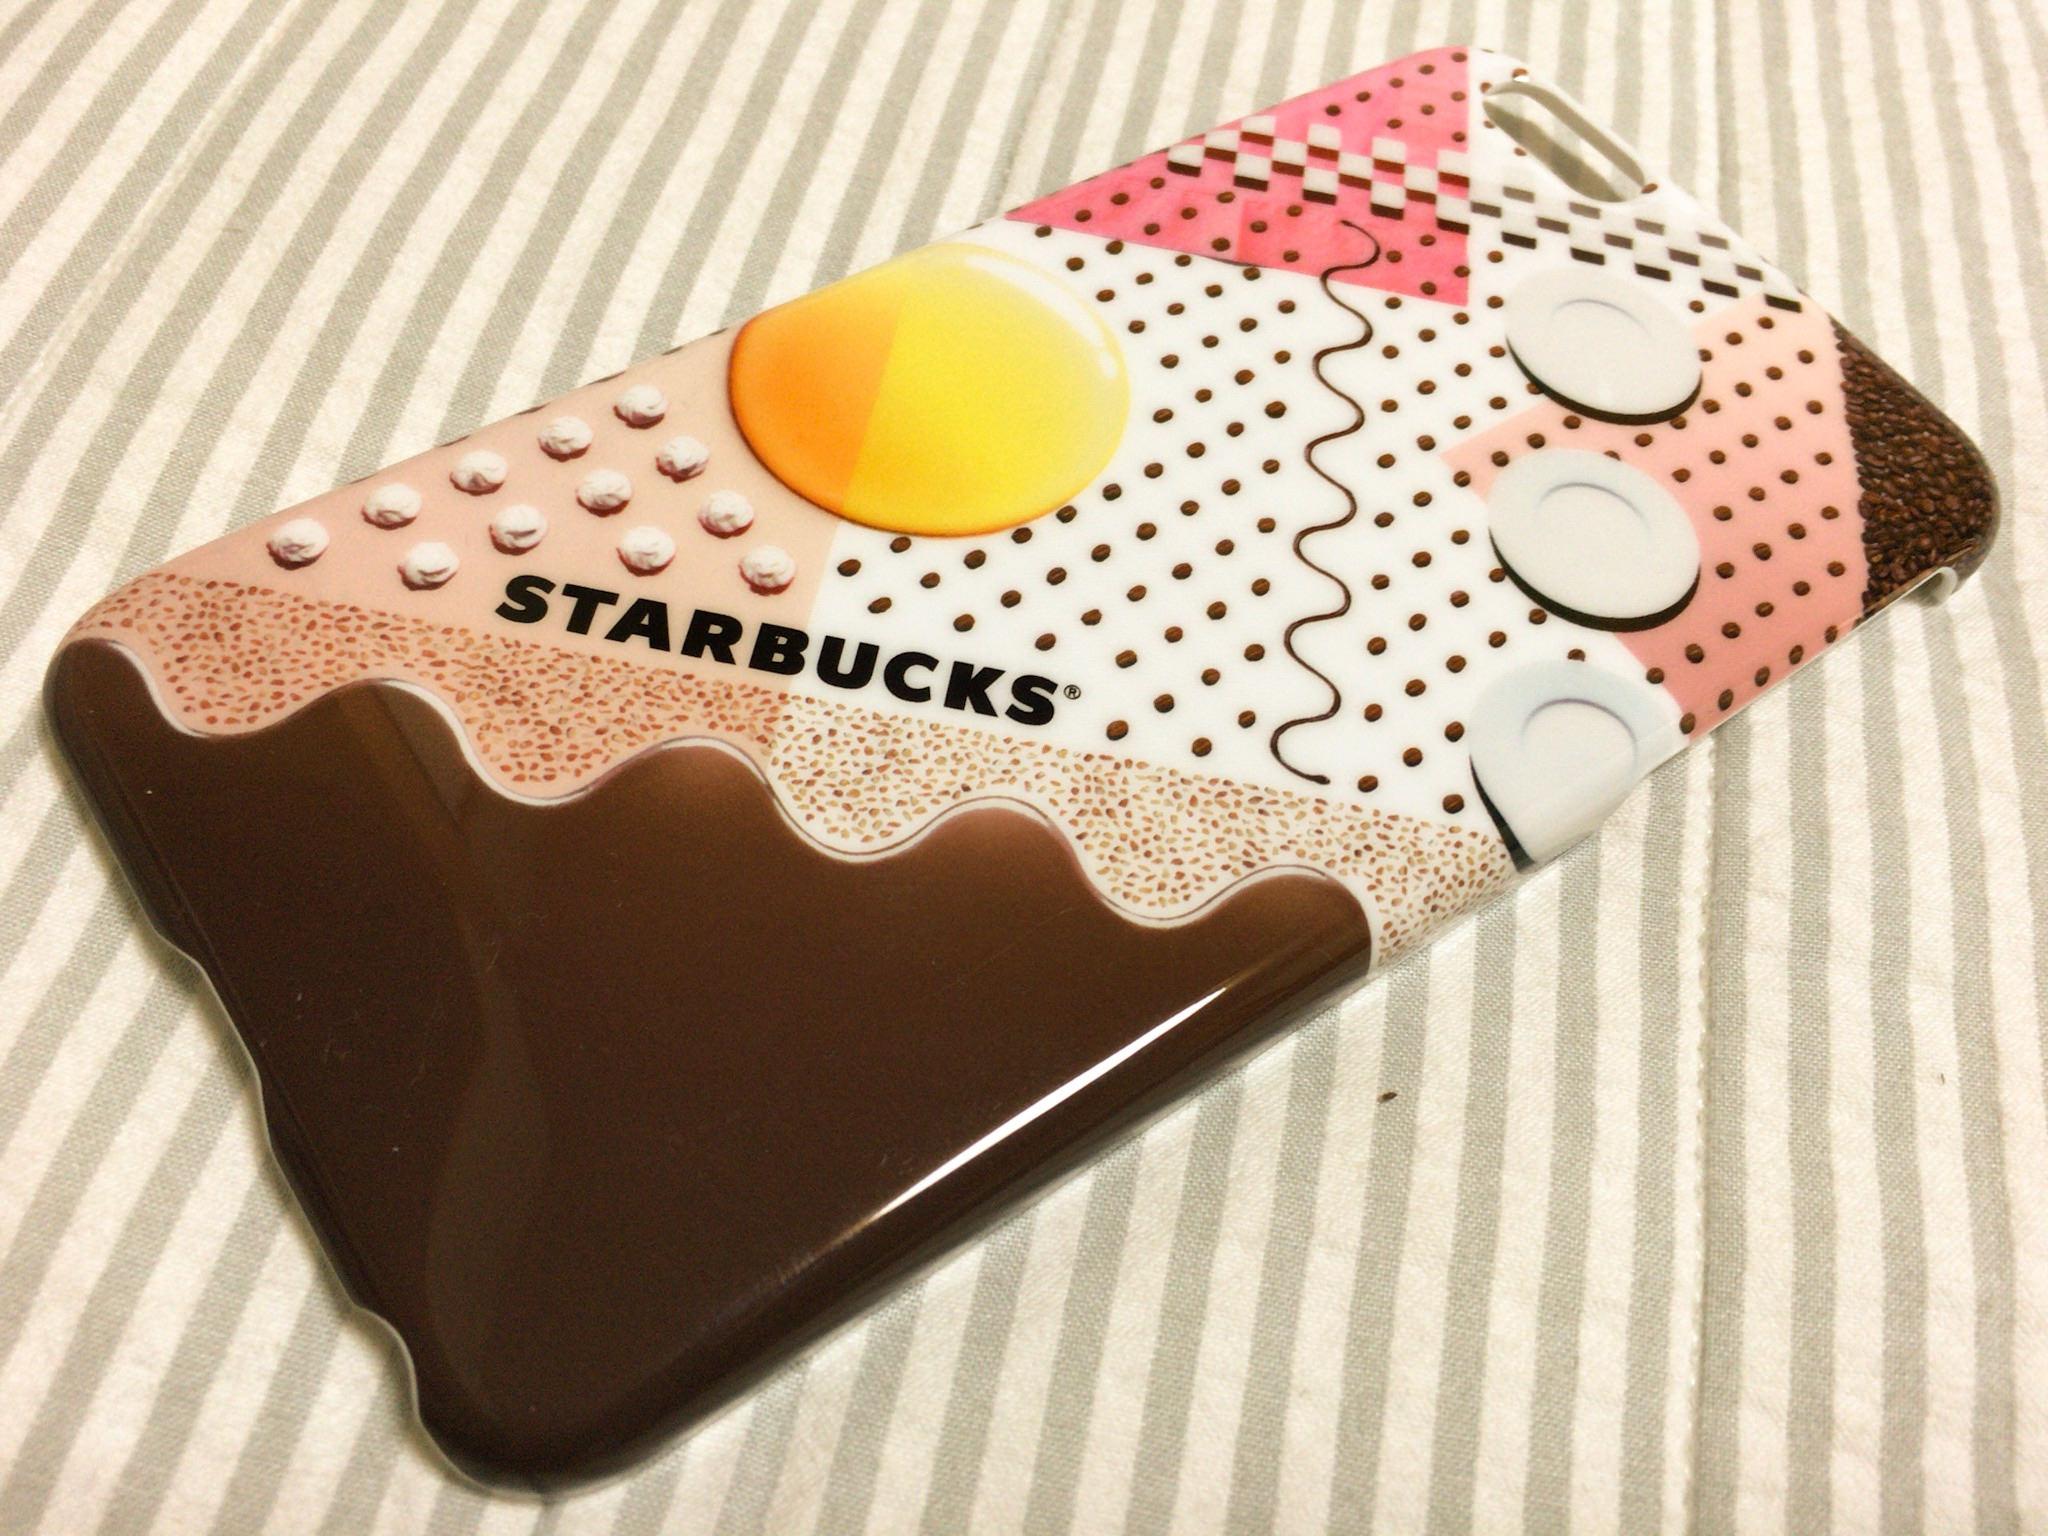 スタバカードがくっ付いたスターバックスのiPhoneケースを購入してみたっ!?